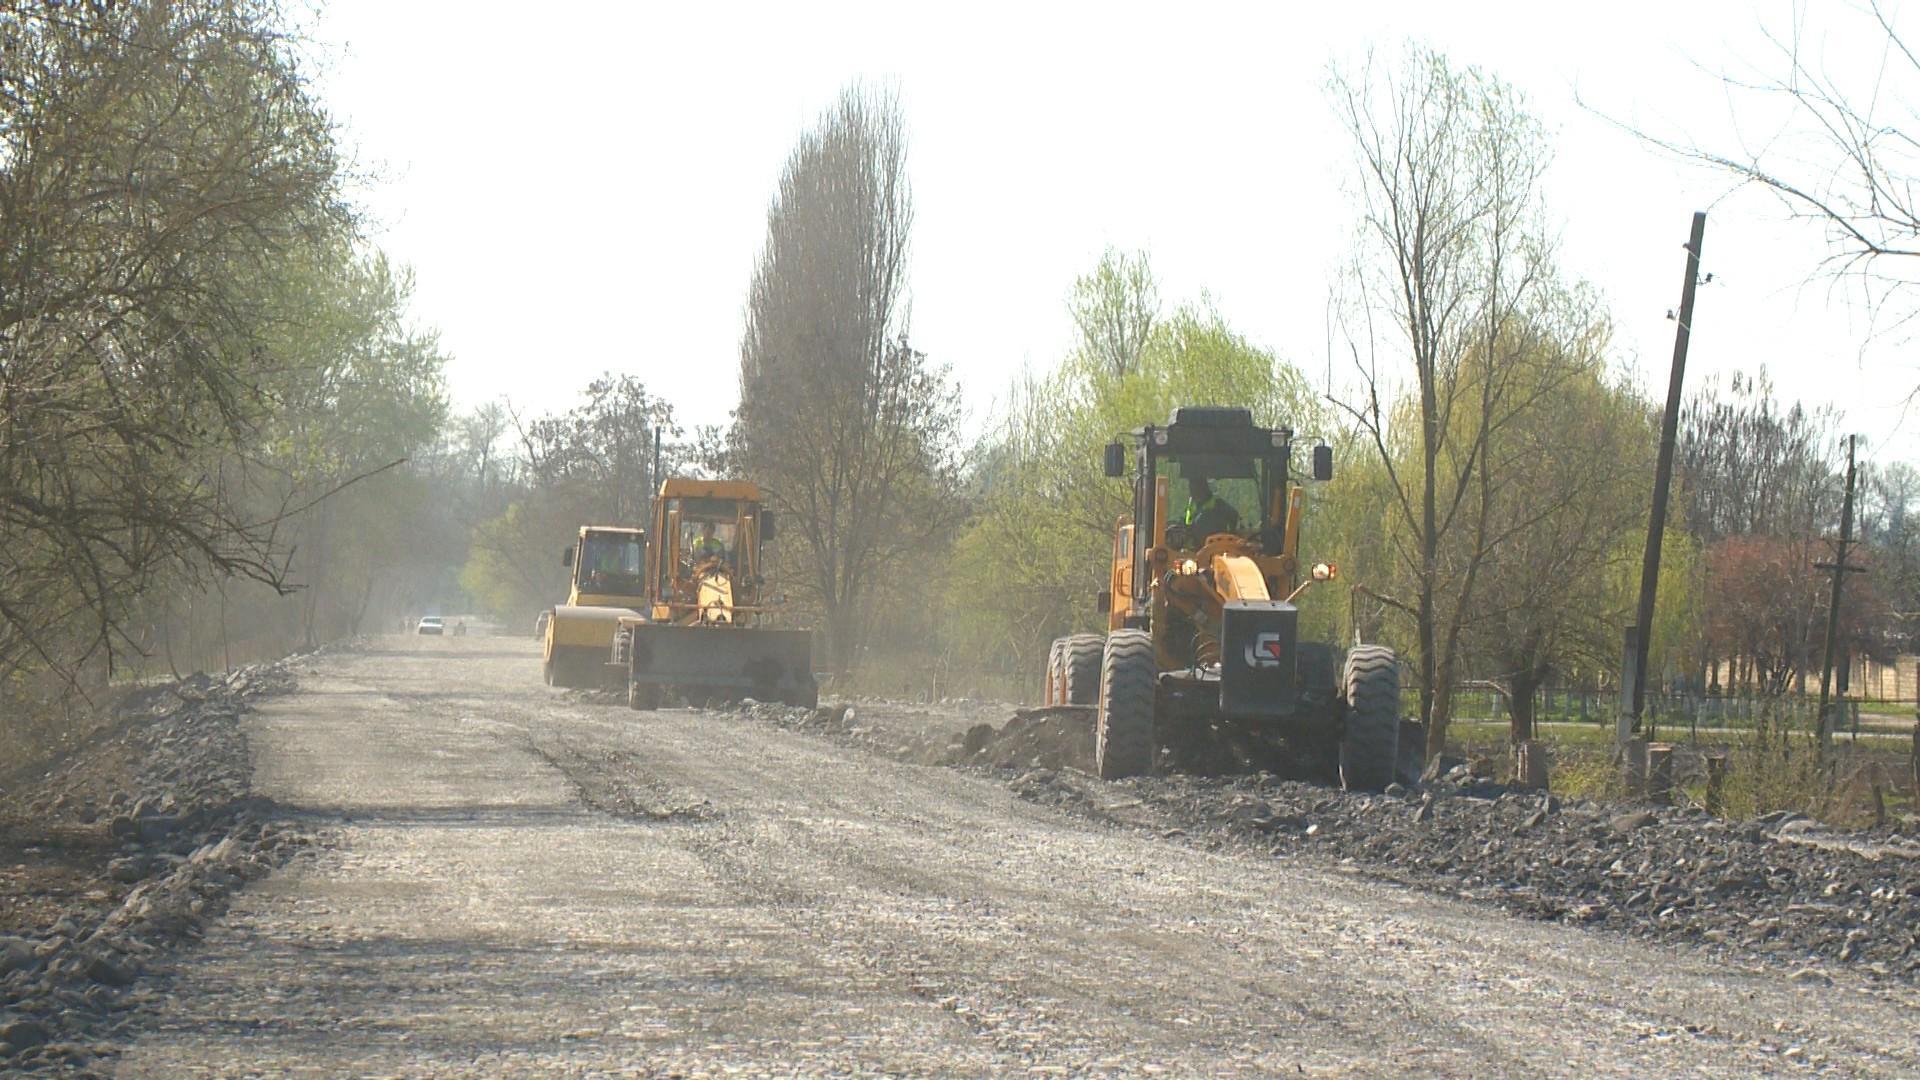 Qax-İlisu marşrutu üzrə 35.5 km uzunluğunda yol yenidən qurulur (FOTO) - Gallery Image